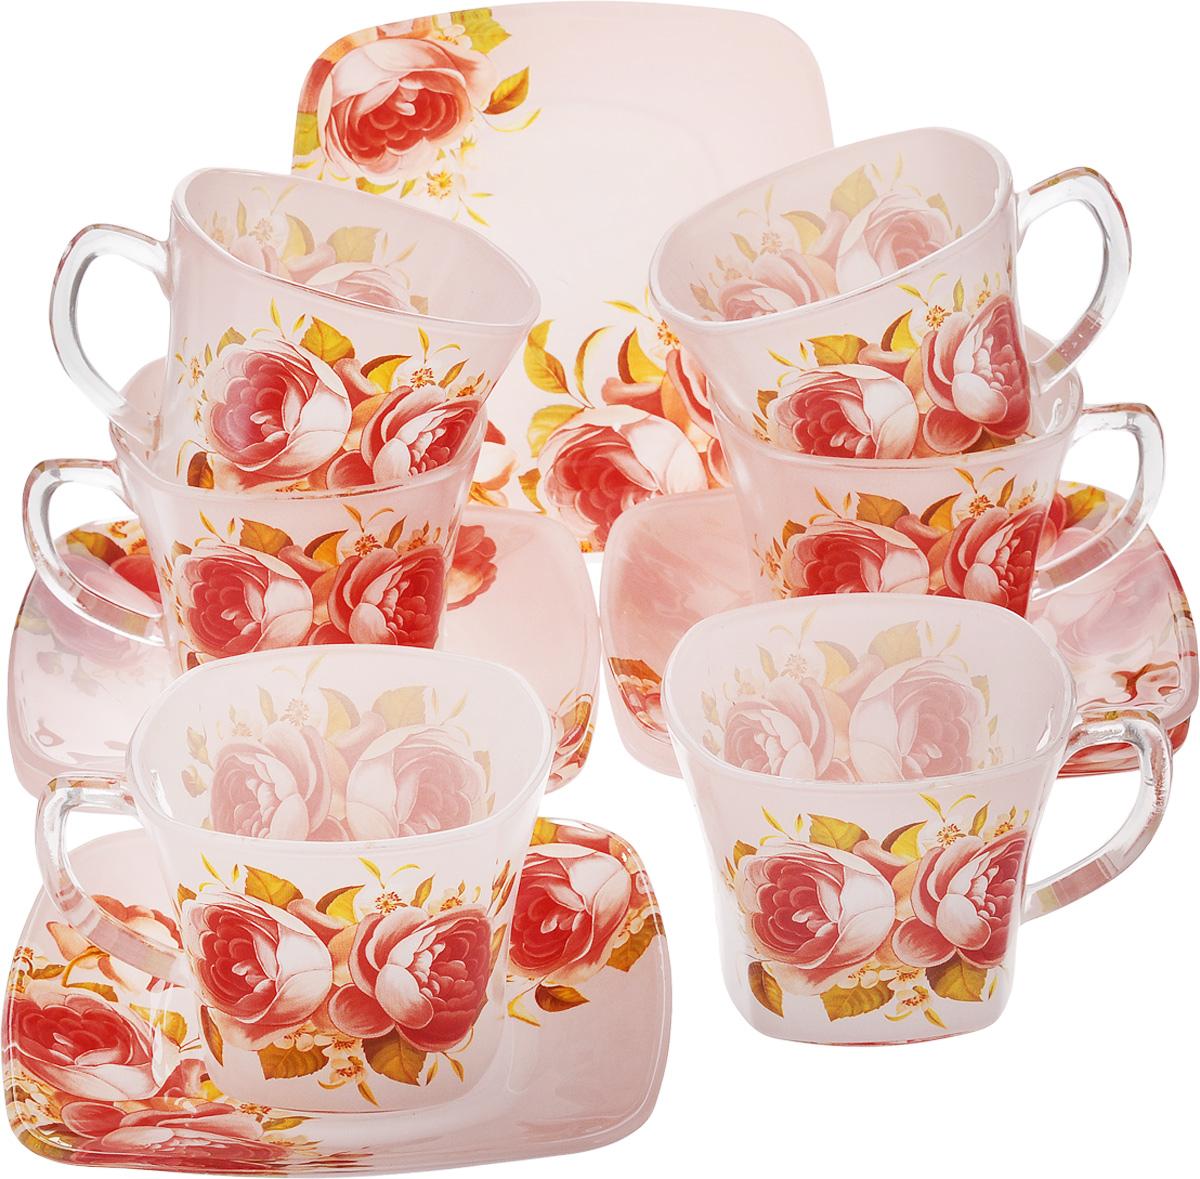 Набор чайный Loraine, 12 предметов. 2412624126Чайный набор Loraine состоит из 6 чашек и 6 блюдец. Изделия, выполненные из высококачественного стекла, имеют элегантный дизайн и классическую форму. Такой набор прекрасно подойдет как для повседневного использования, так и для праздников. Чайный набор Loraine - это не только яркий и полезный подарок для родных и близких, но и великолепное решение для вашей кухни или столовой. Объем чашки: 200 мл. Размер чашки (по верхнему краю): 8 см. Высота чашки: 7 см. Размер блюдца (по верхнему краю): 13,5 х 13,5 см. Высота блюдца: 2 см.